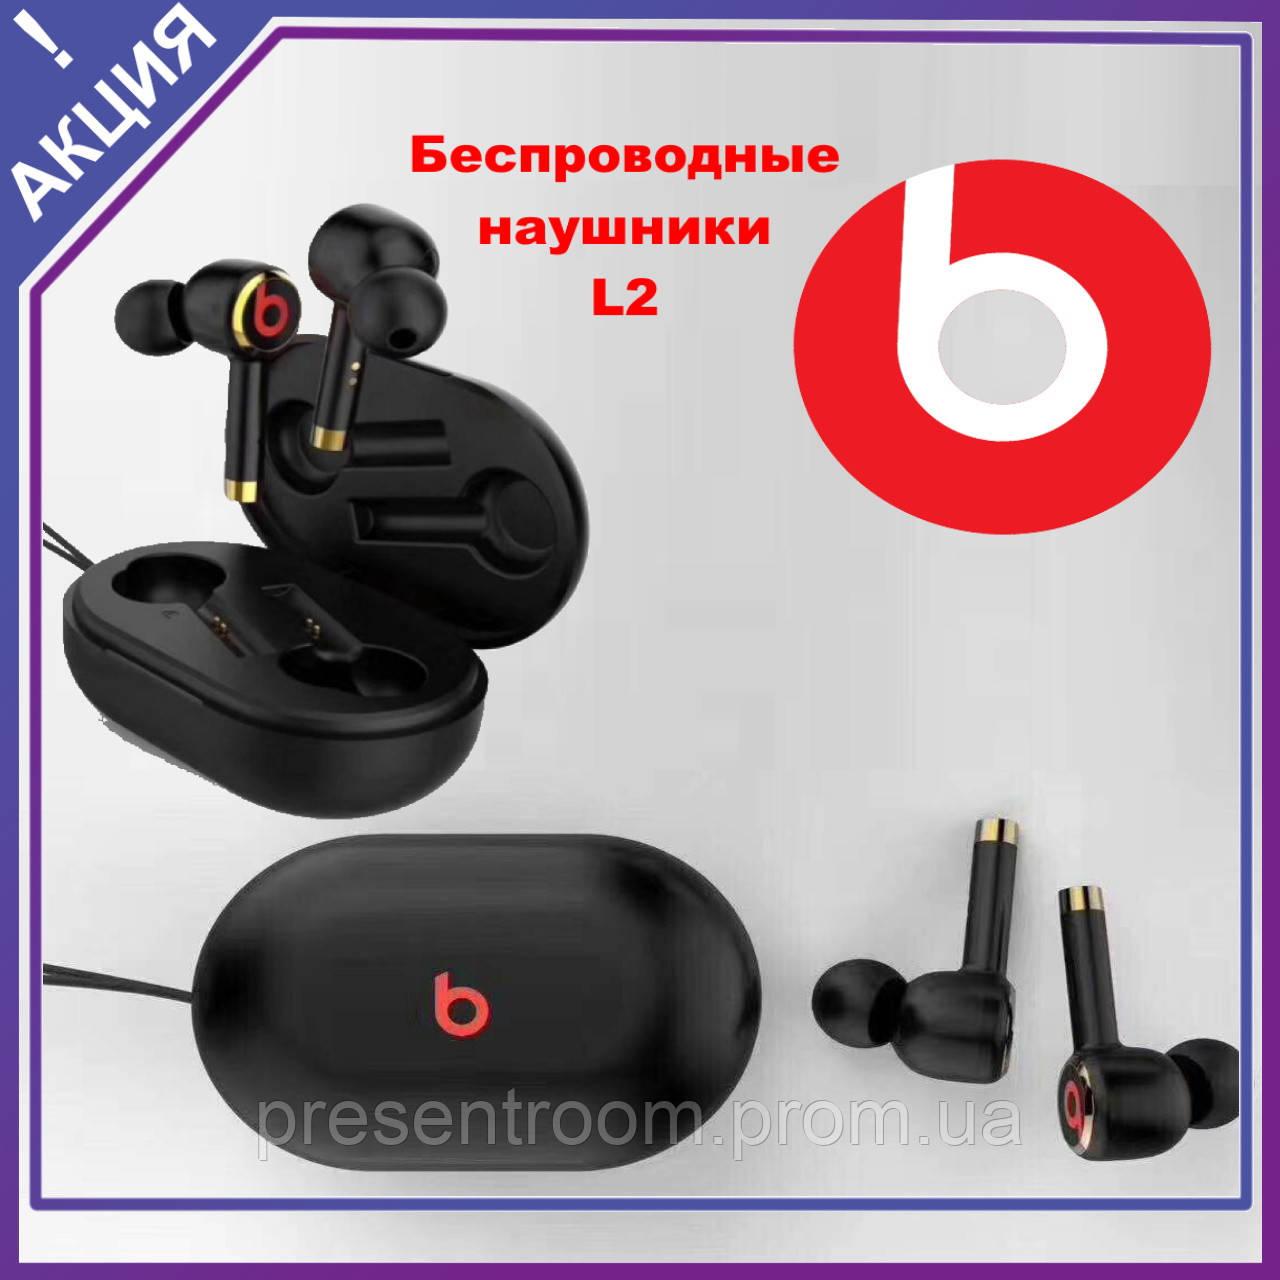 Бездротові навушники beats freebuds 3 блютуз bluetooth гарнітура БІТС для телефону вакуумні з мікрофоном 3i